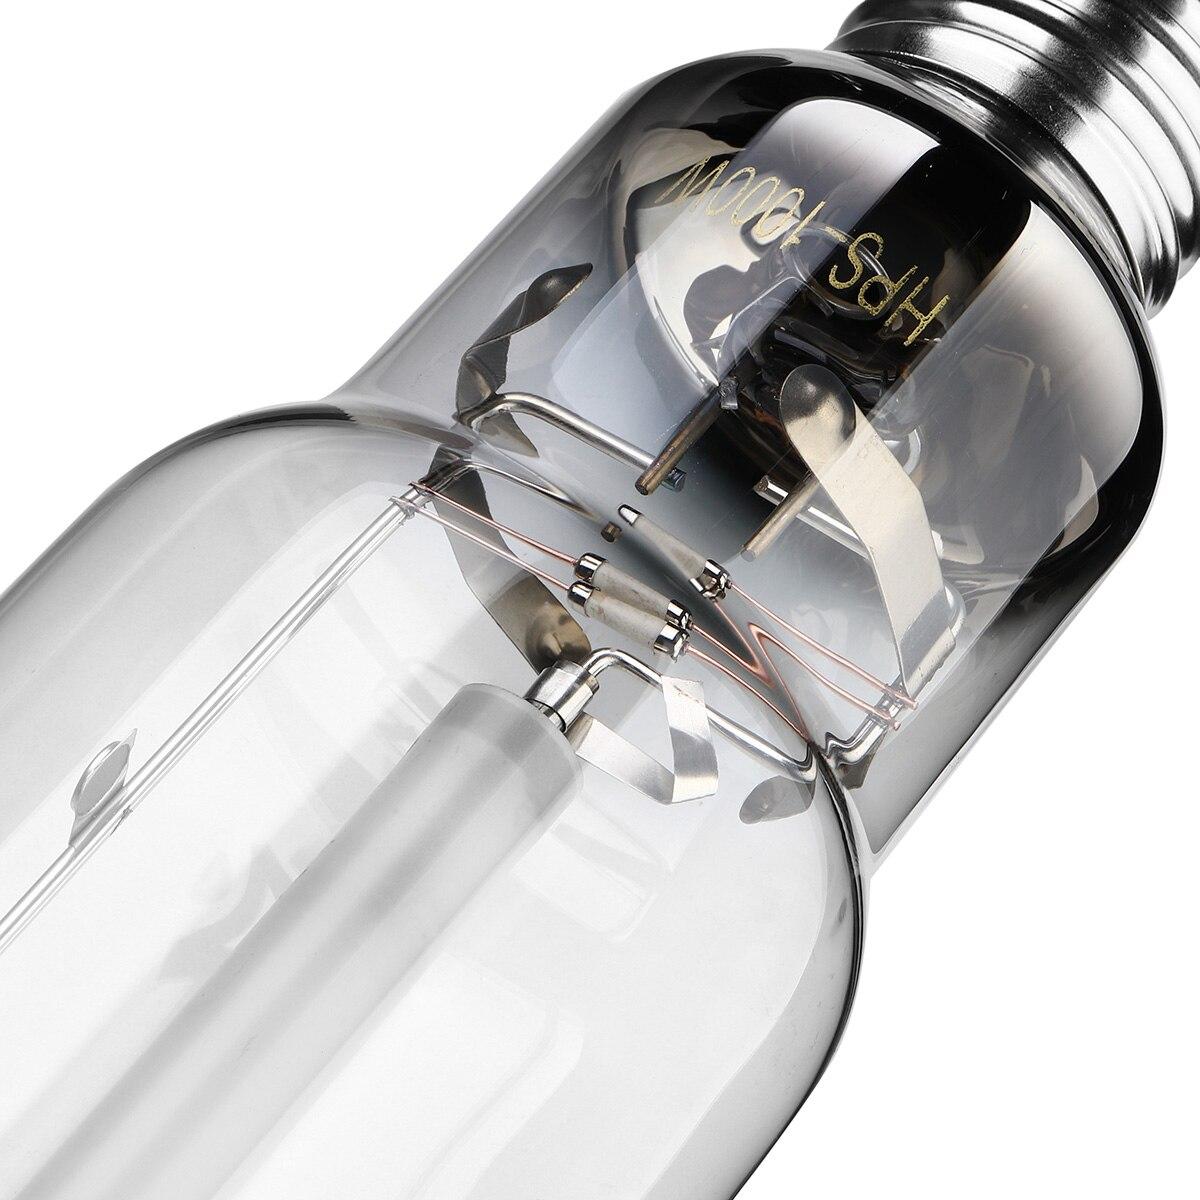 400 Вт 600 Вт 1000 Вт HPS лампа для выращивания растений E40 23Ra лампа натрия высокого давления Энергоэффективная длительный срок службы 23000 часов